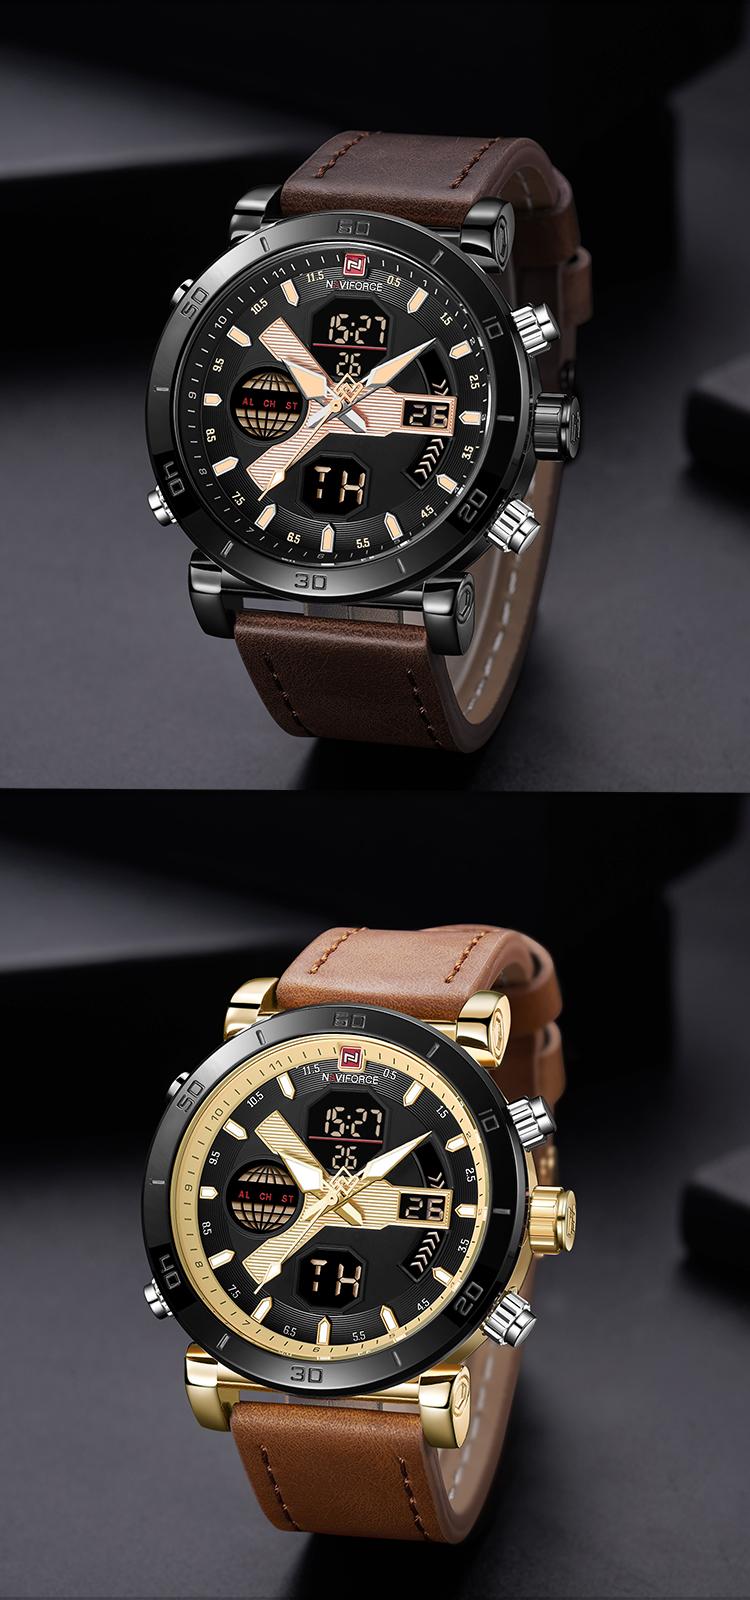 05832174e73 NAVIFORCE Homens Relógio Digital Esporte Mens Relógios Top Marca de Luxo  Pulseira de Couro militar Do